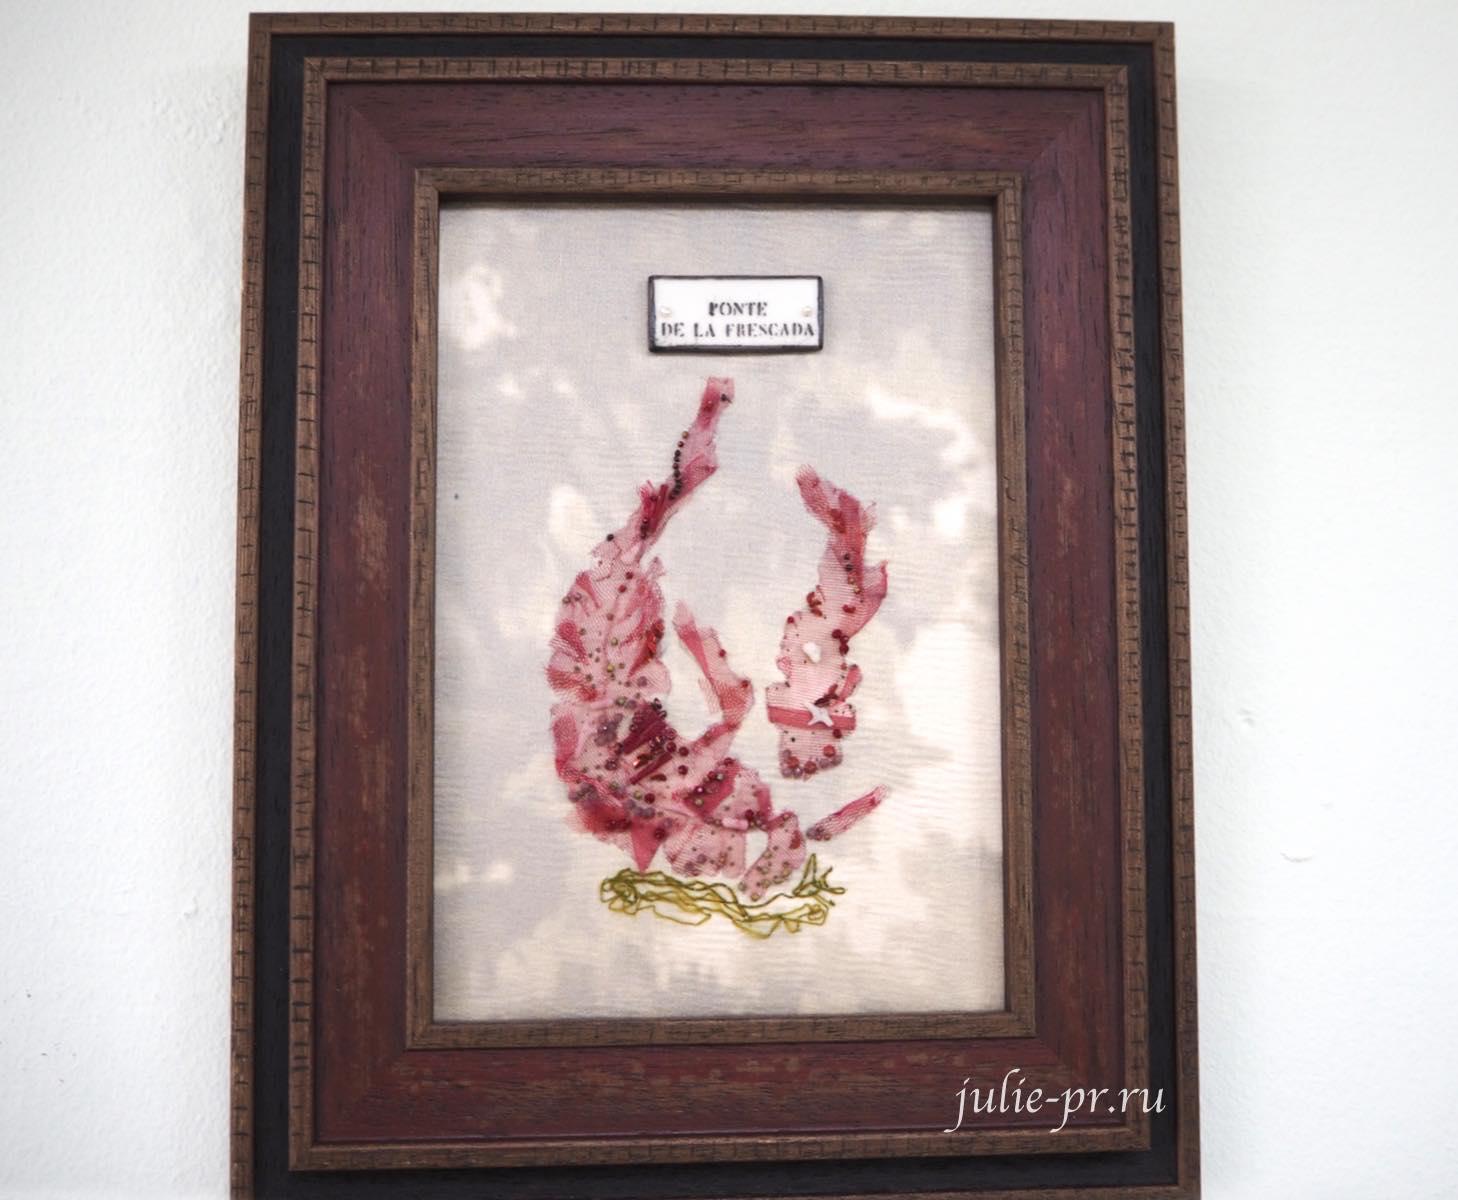 Красные водоросли, Катерина Мороз, кутюрная вышивка